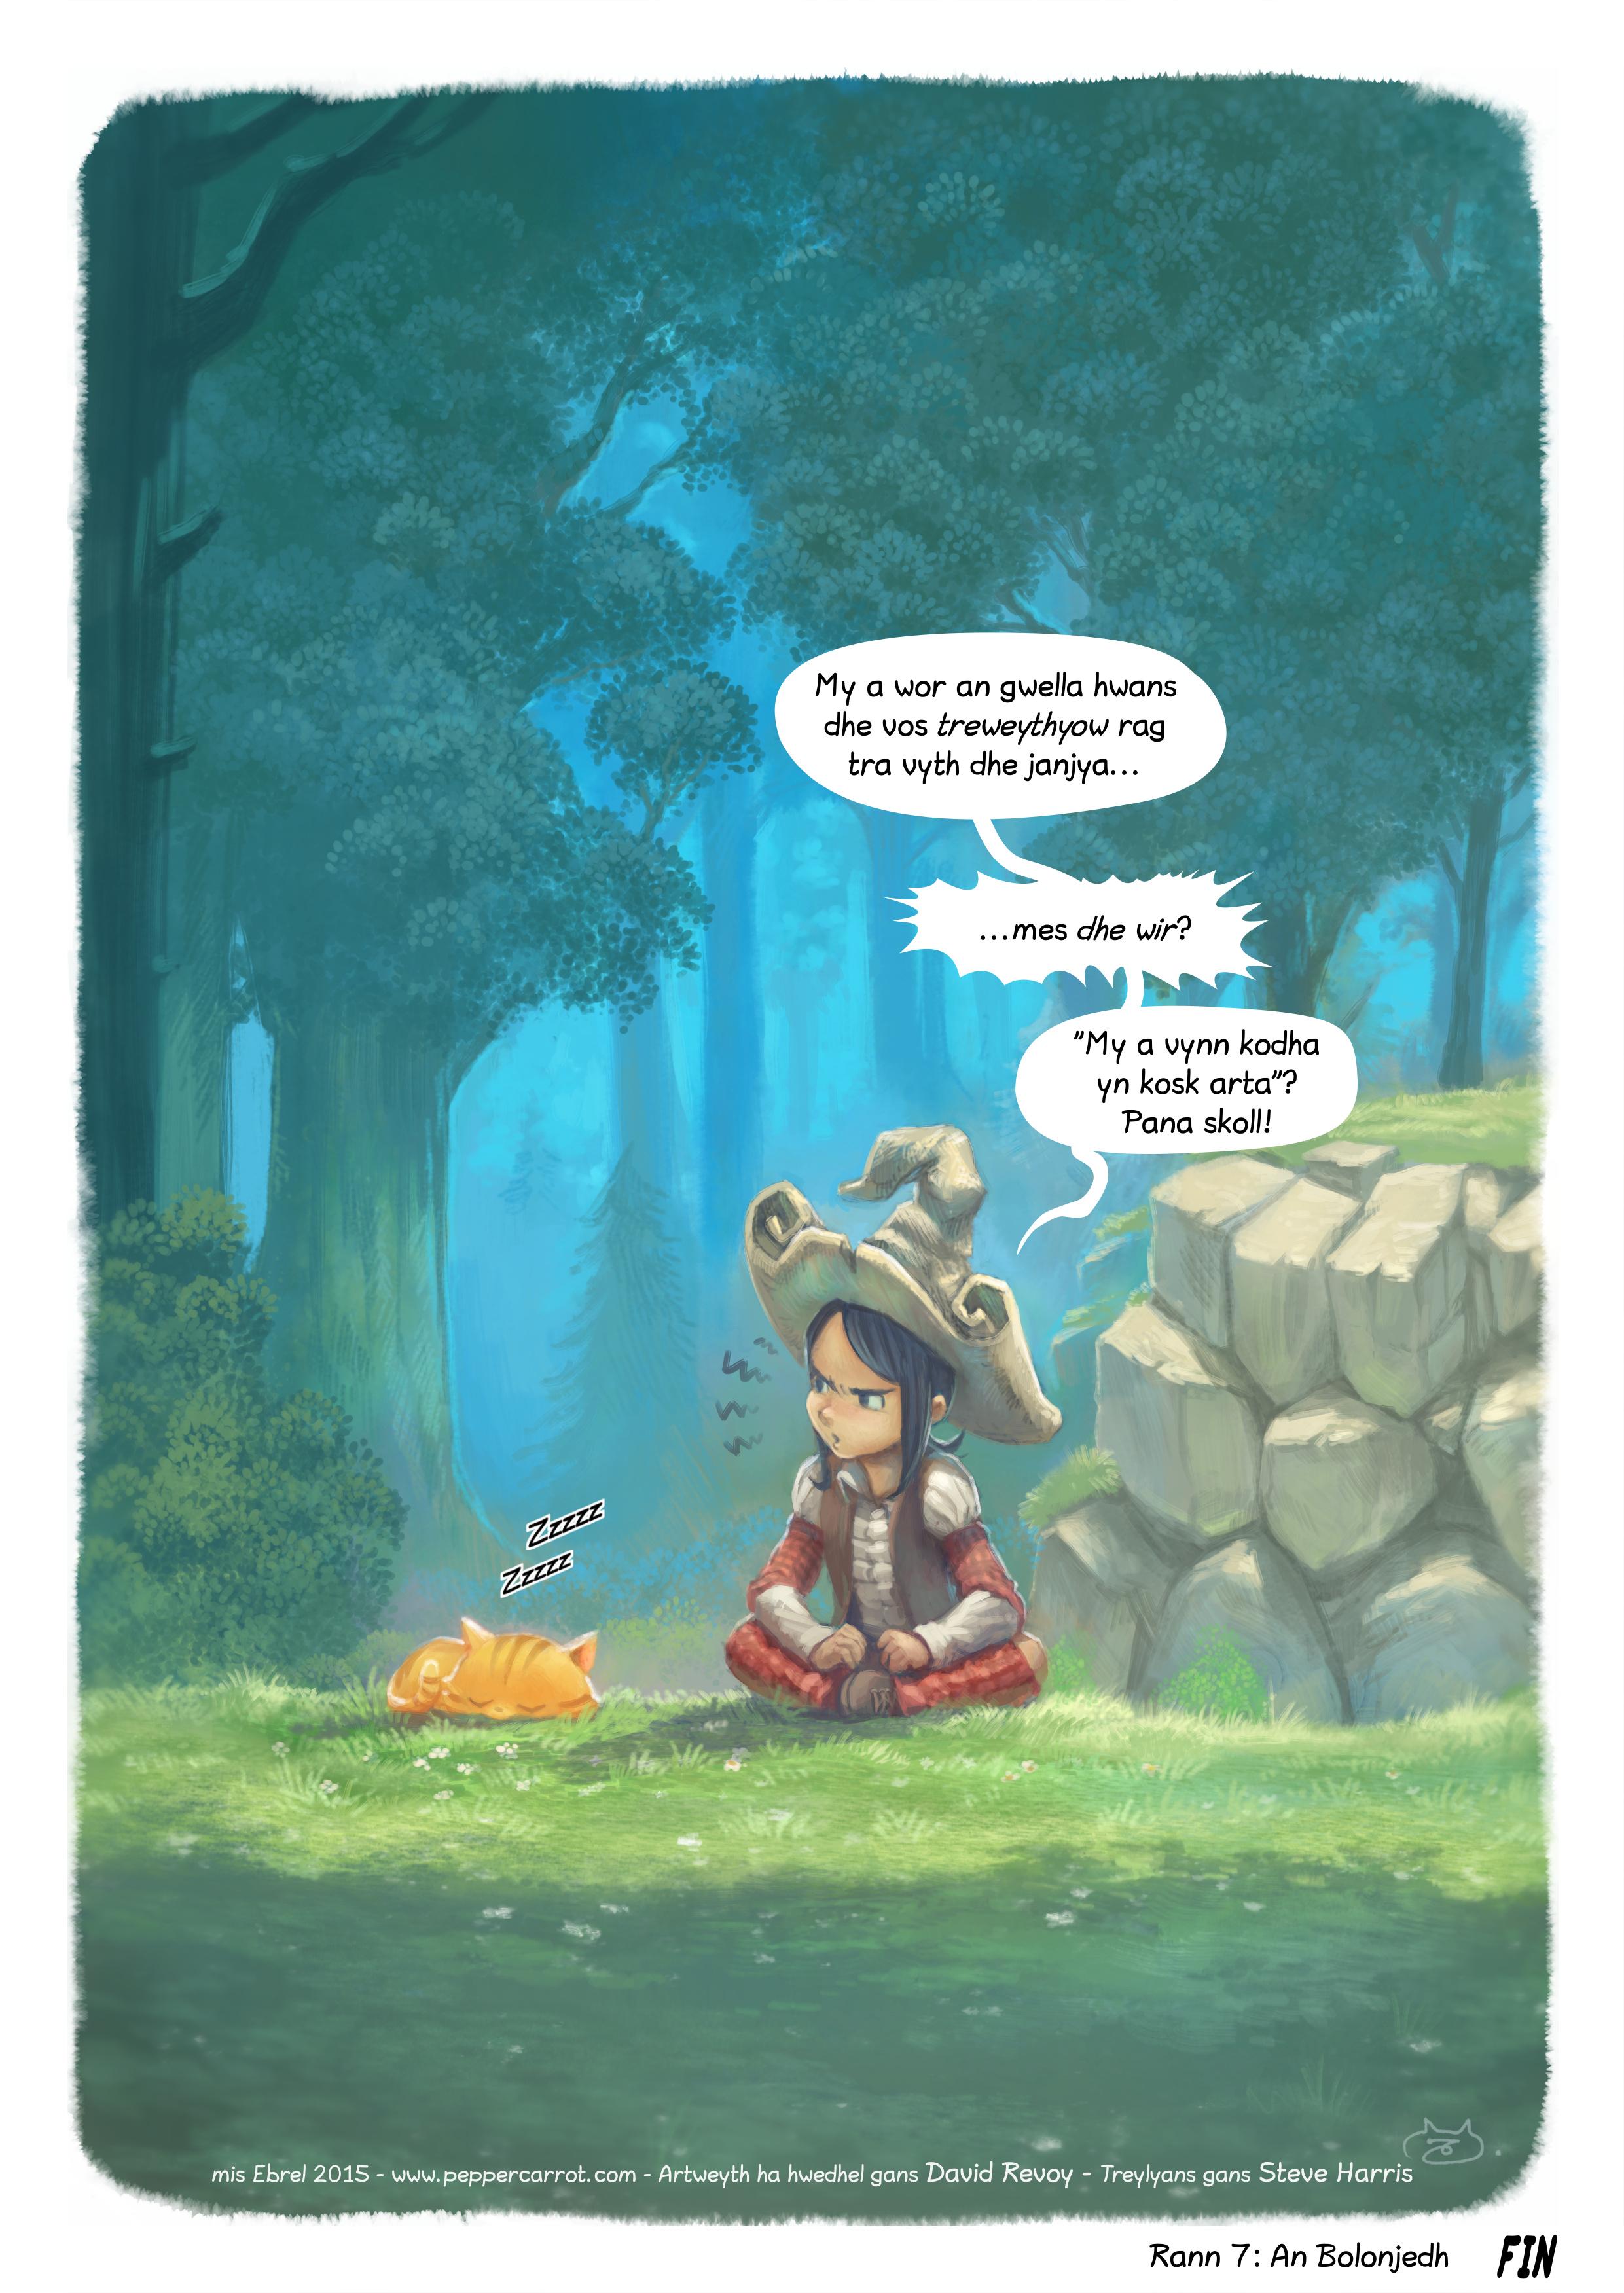 Rann 7: An Bolonjedh, Page 5